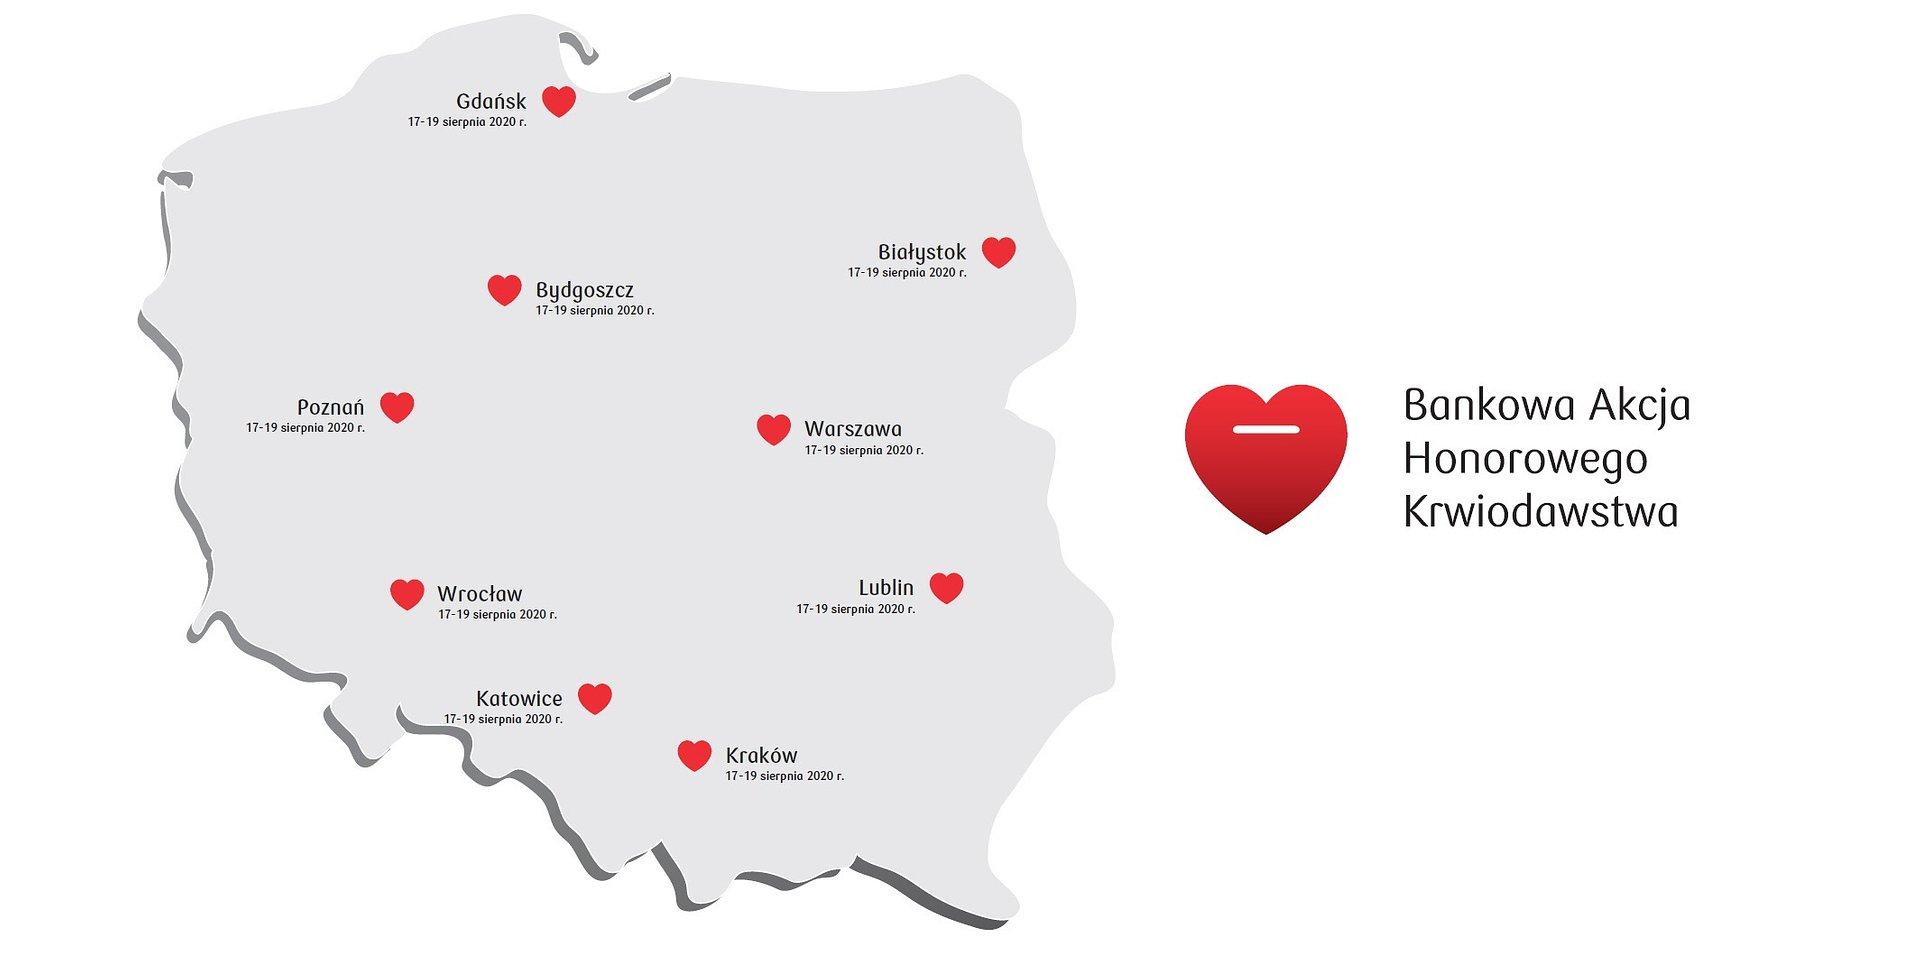 Przyłącz się do Bankowej Akcji Honorowego Krwiodawstwa w Krakowie